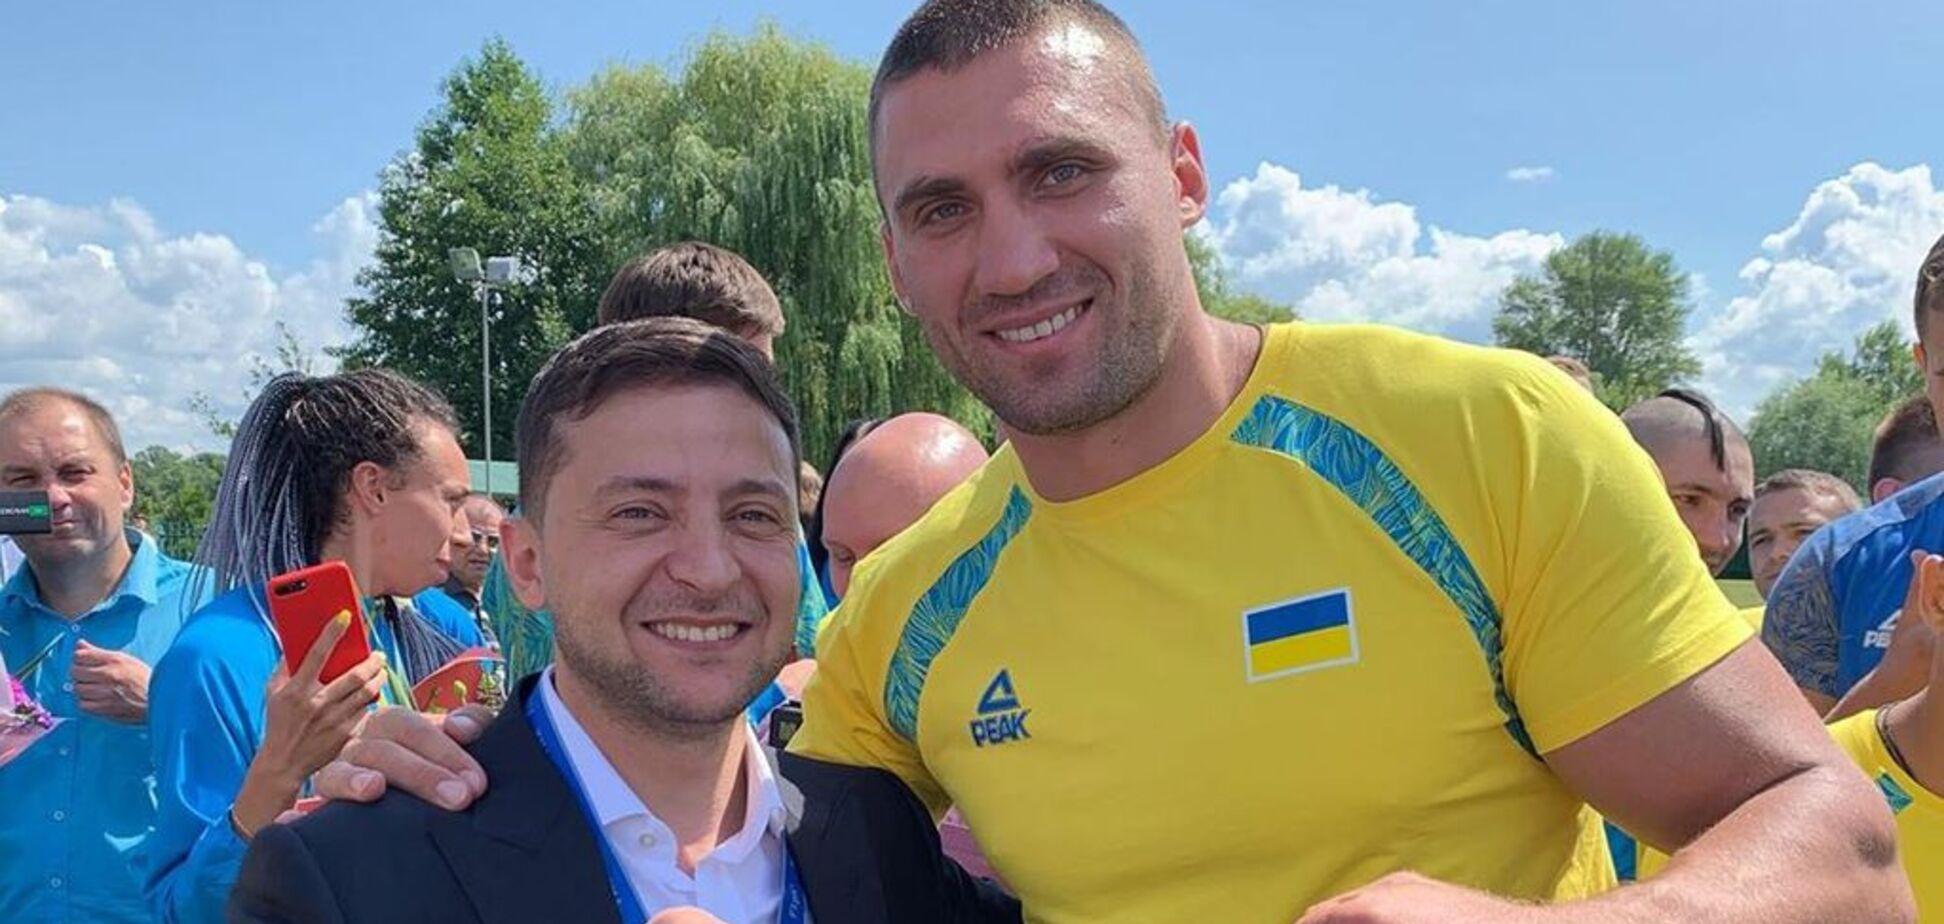 'Мы возмущены!' Федерация бокса Украины сделала резкое заявление